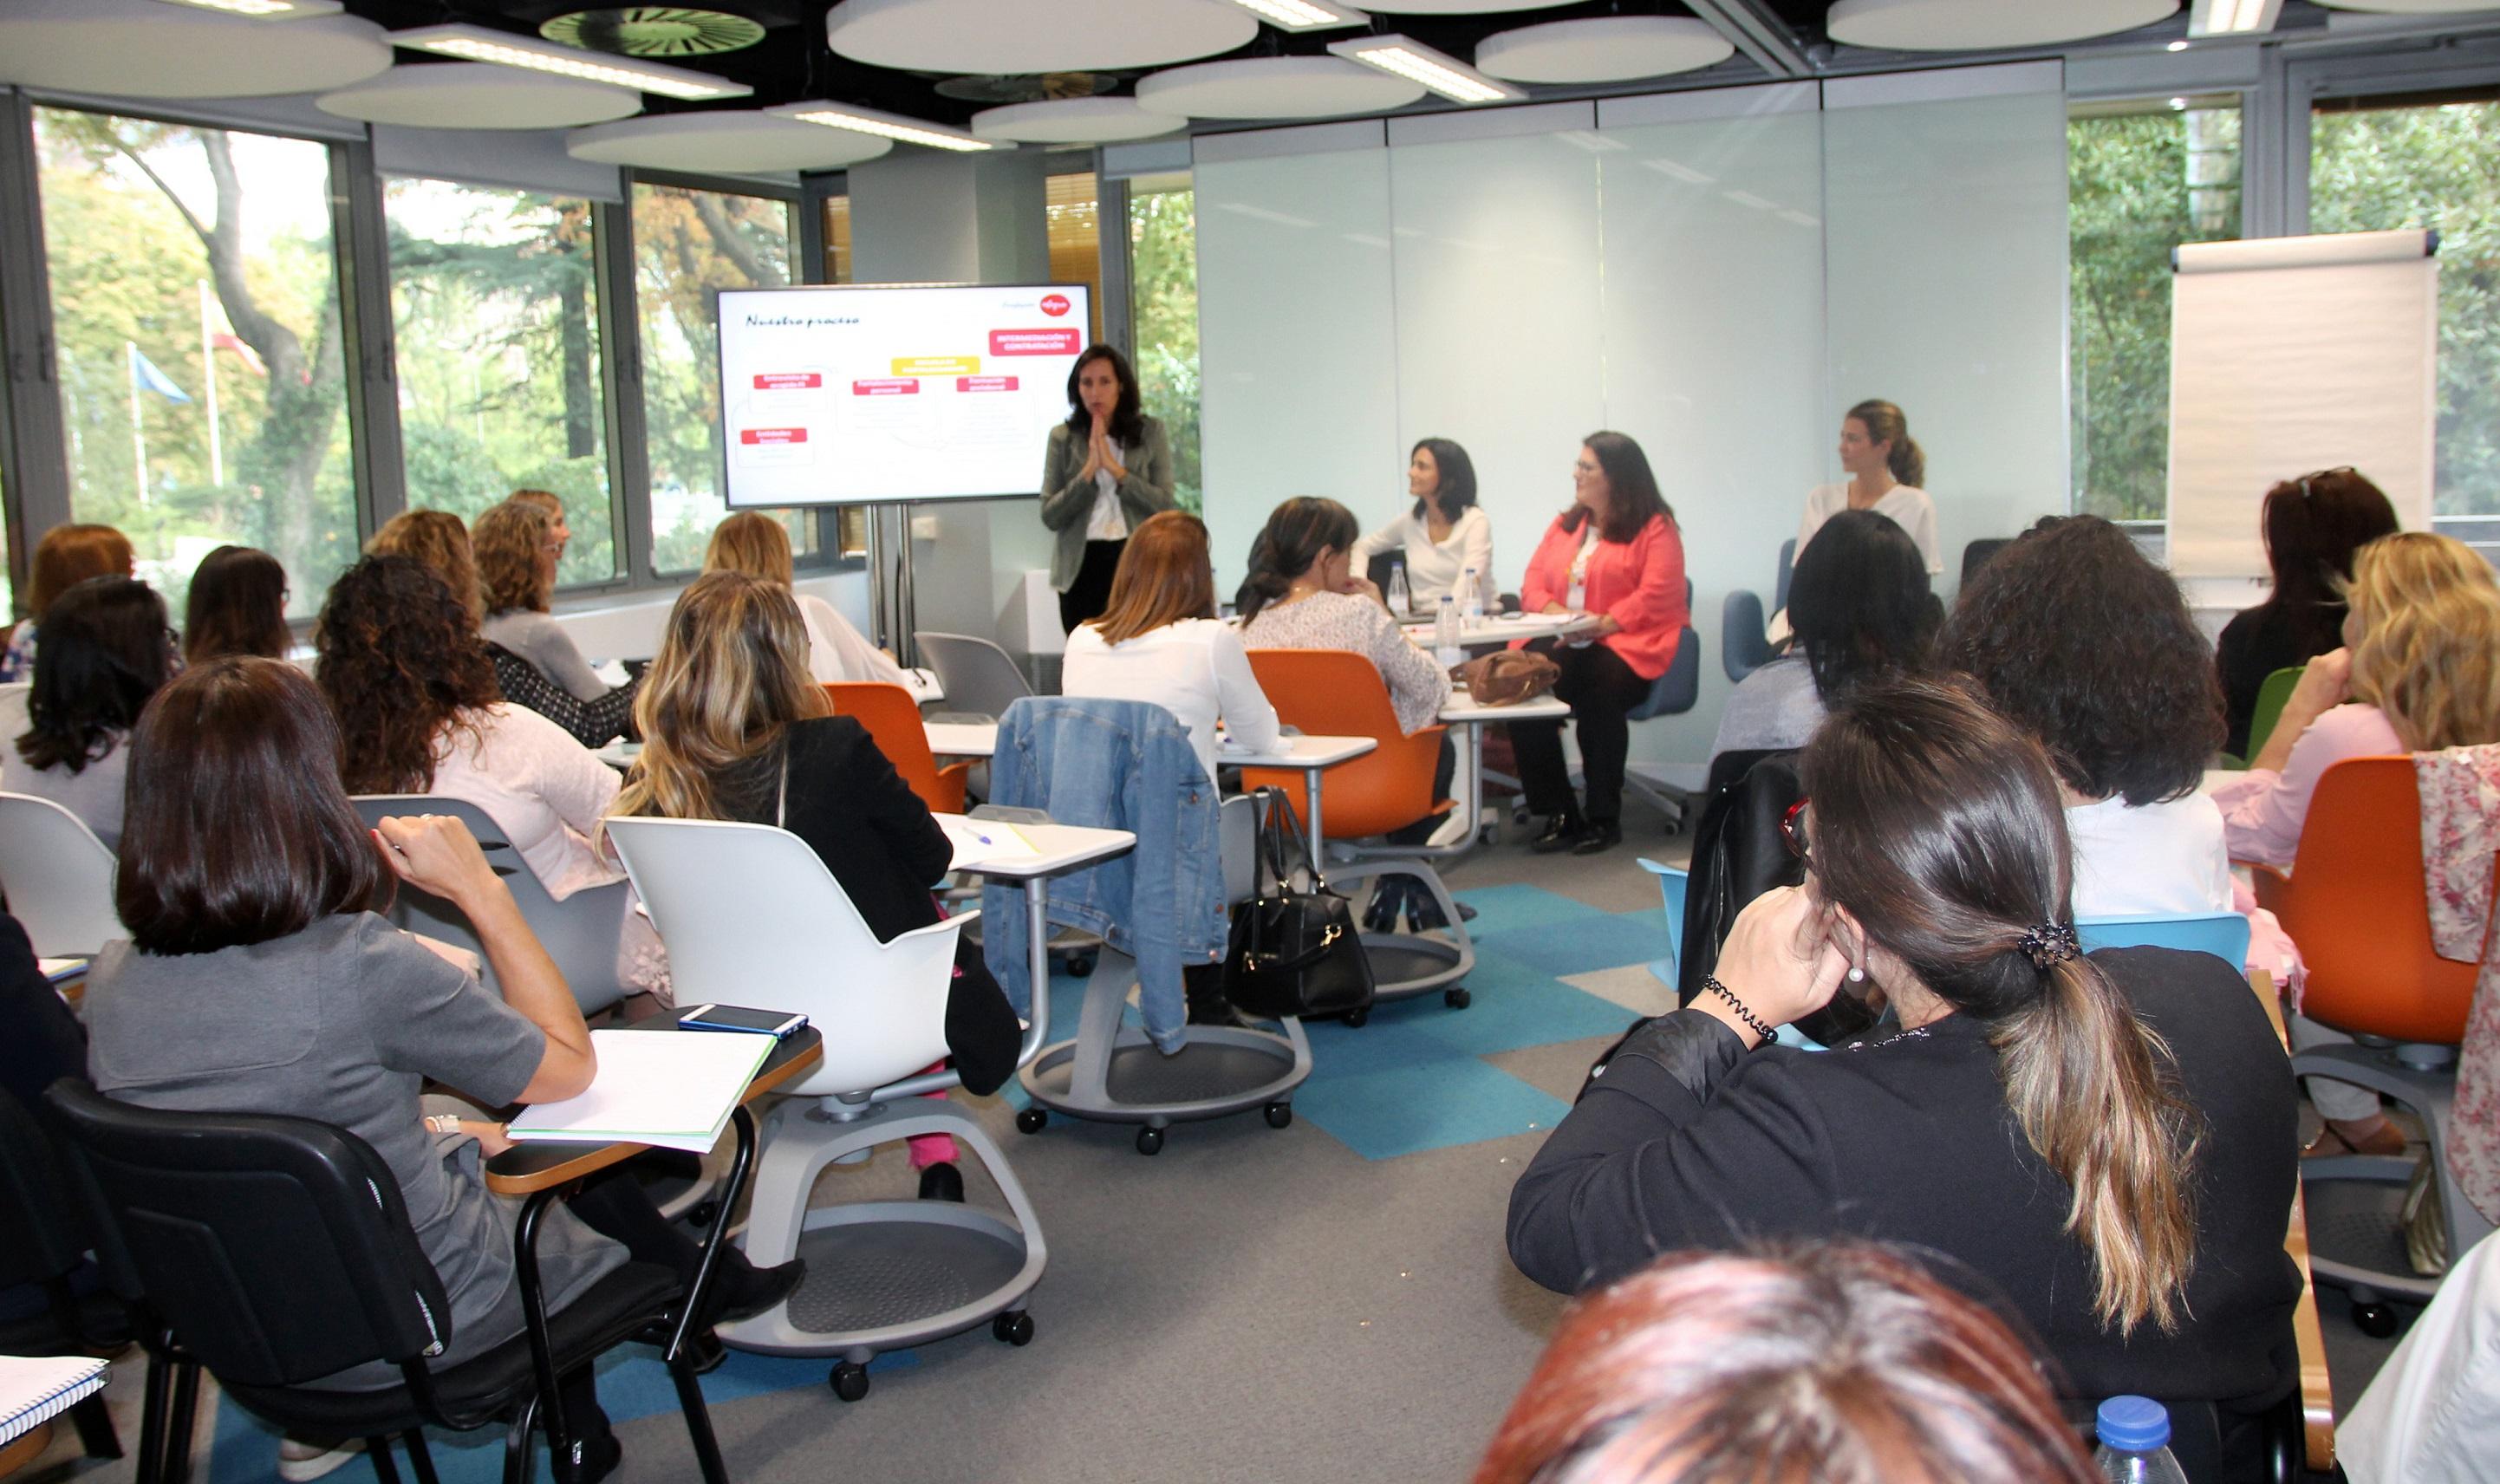 'Juntas', el proyecto de Mutua Madrileña y la Fundación Integra en contra de la violencia de género